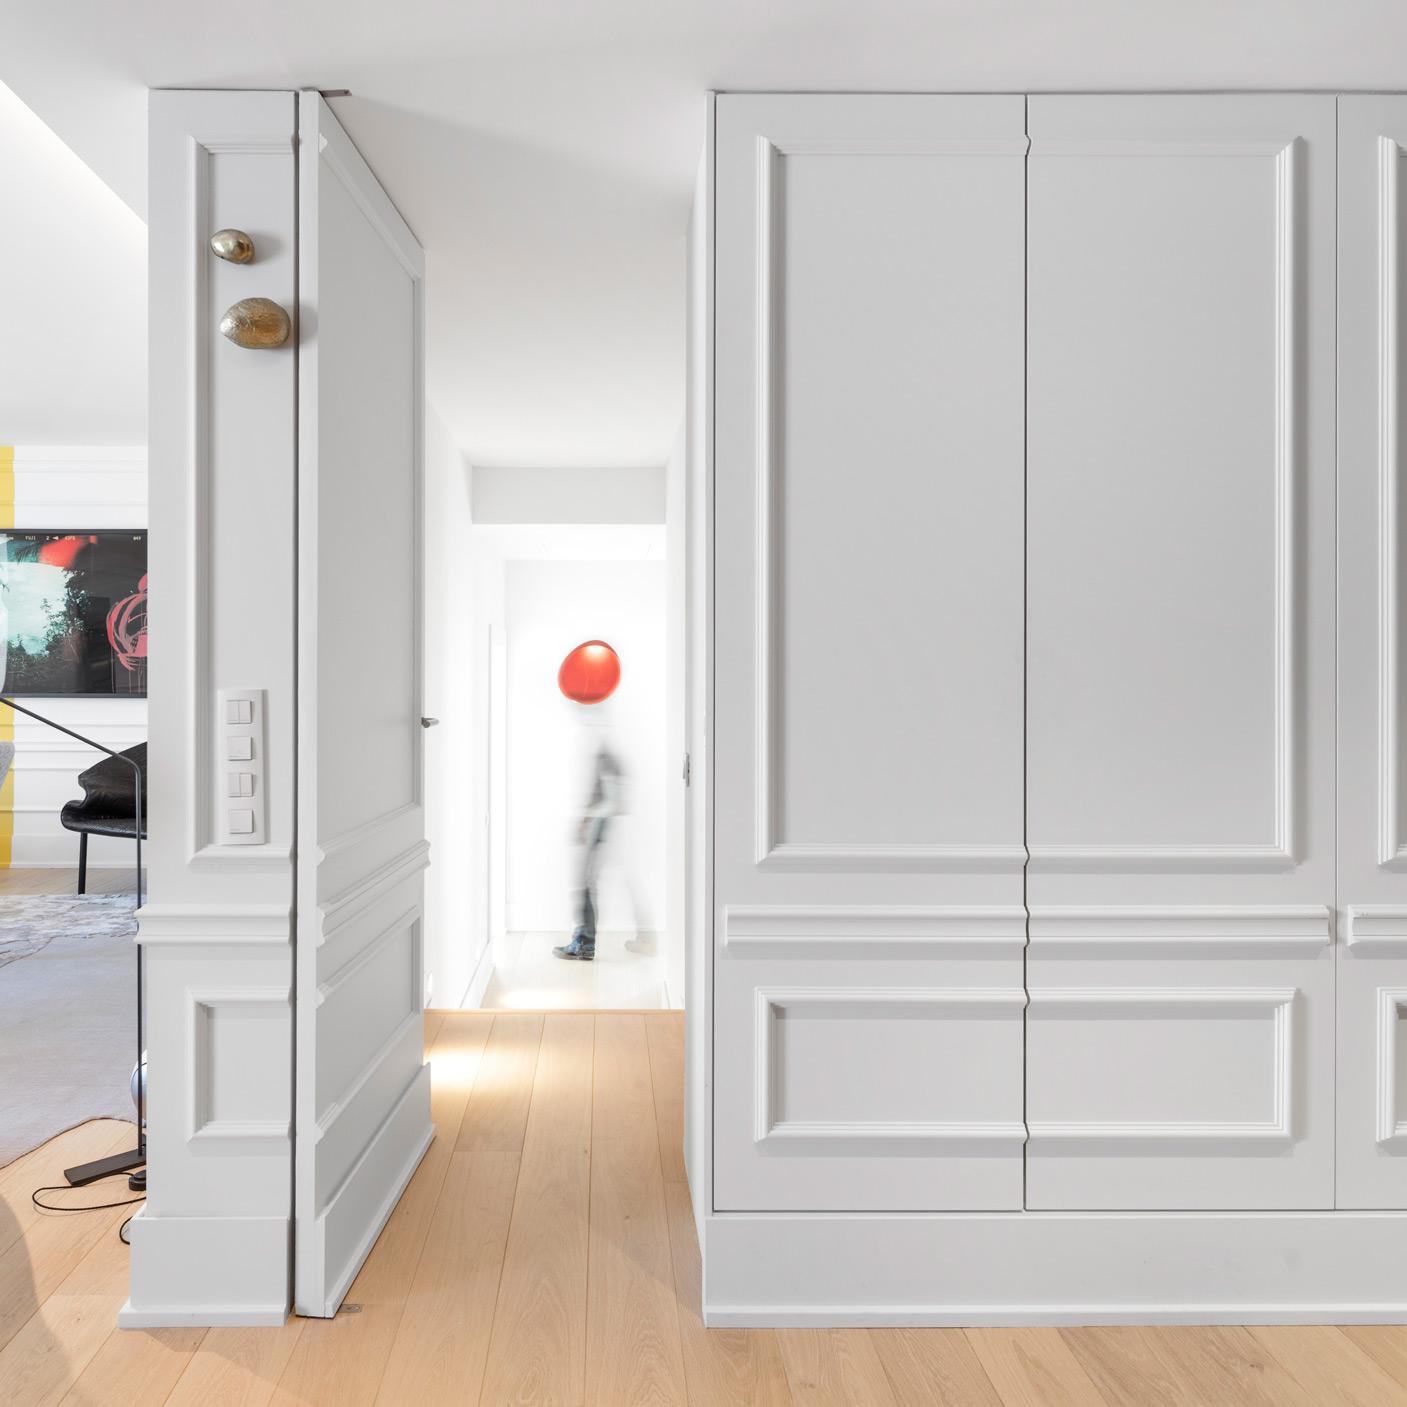 fernanda-marques-arquiteta-projeto-residencial-lx-16.jpg